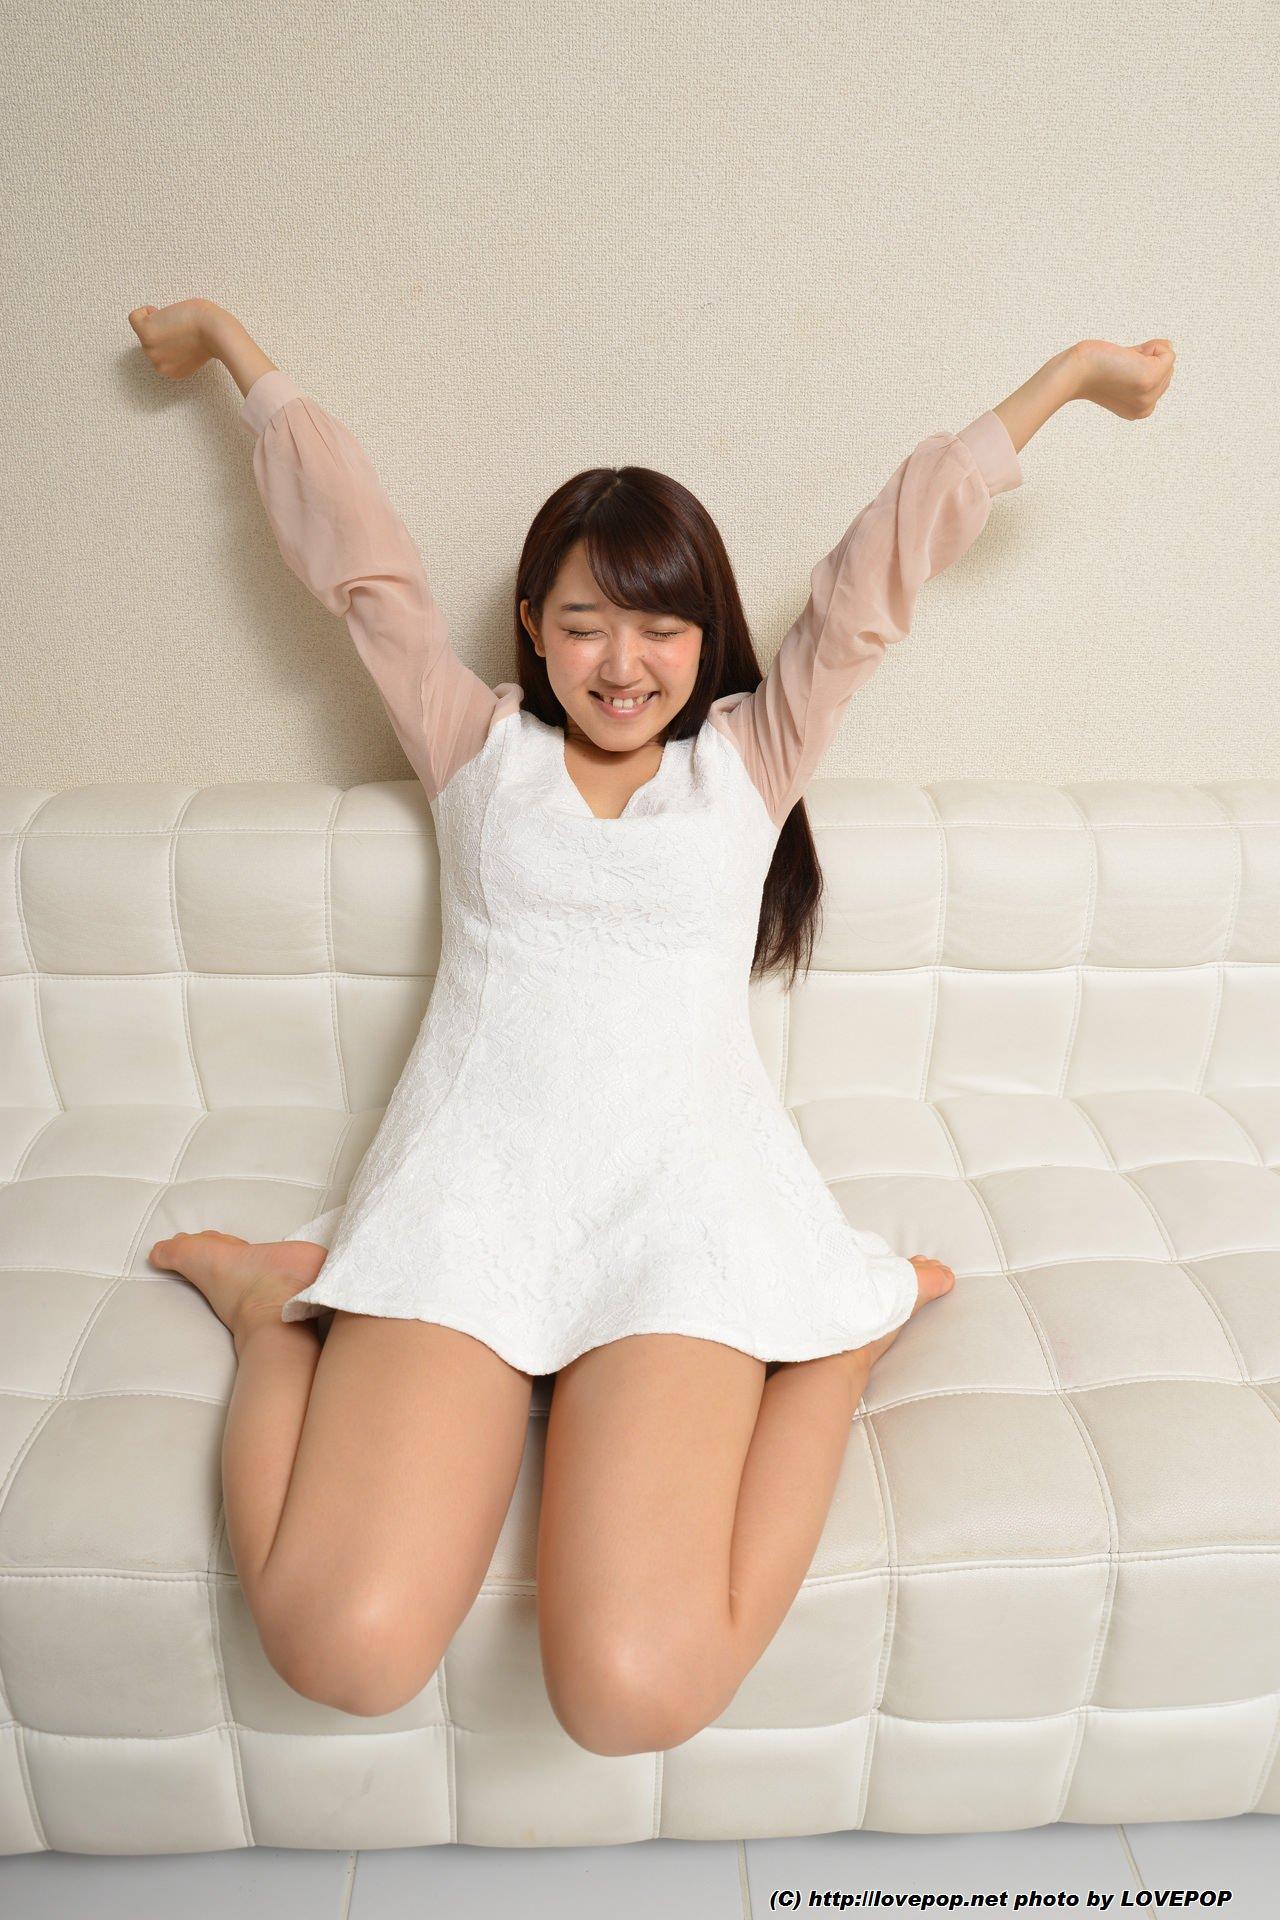 [lovepop.net] tsukino nana 001